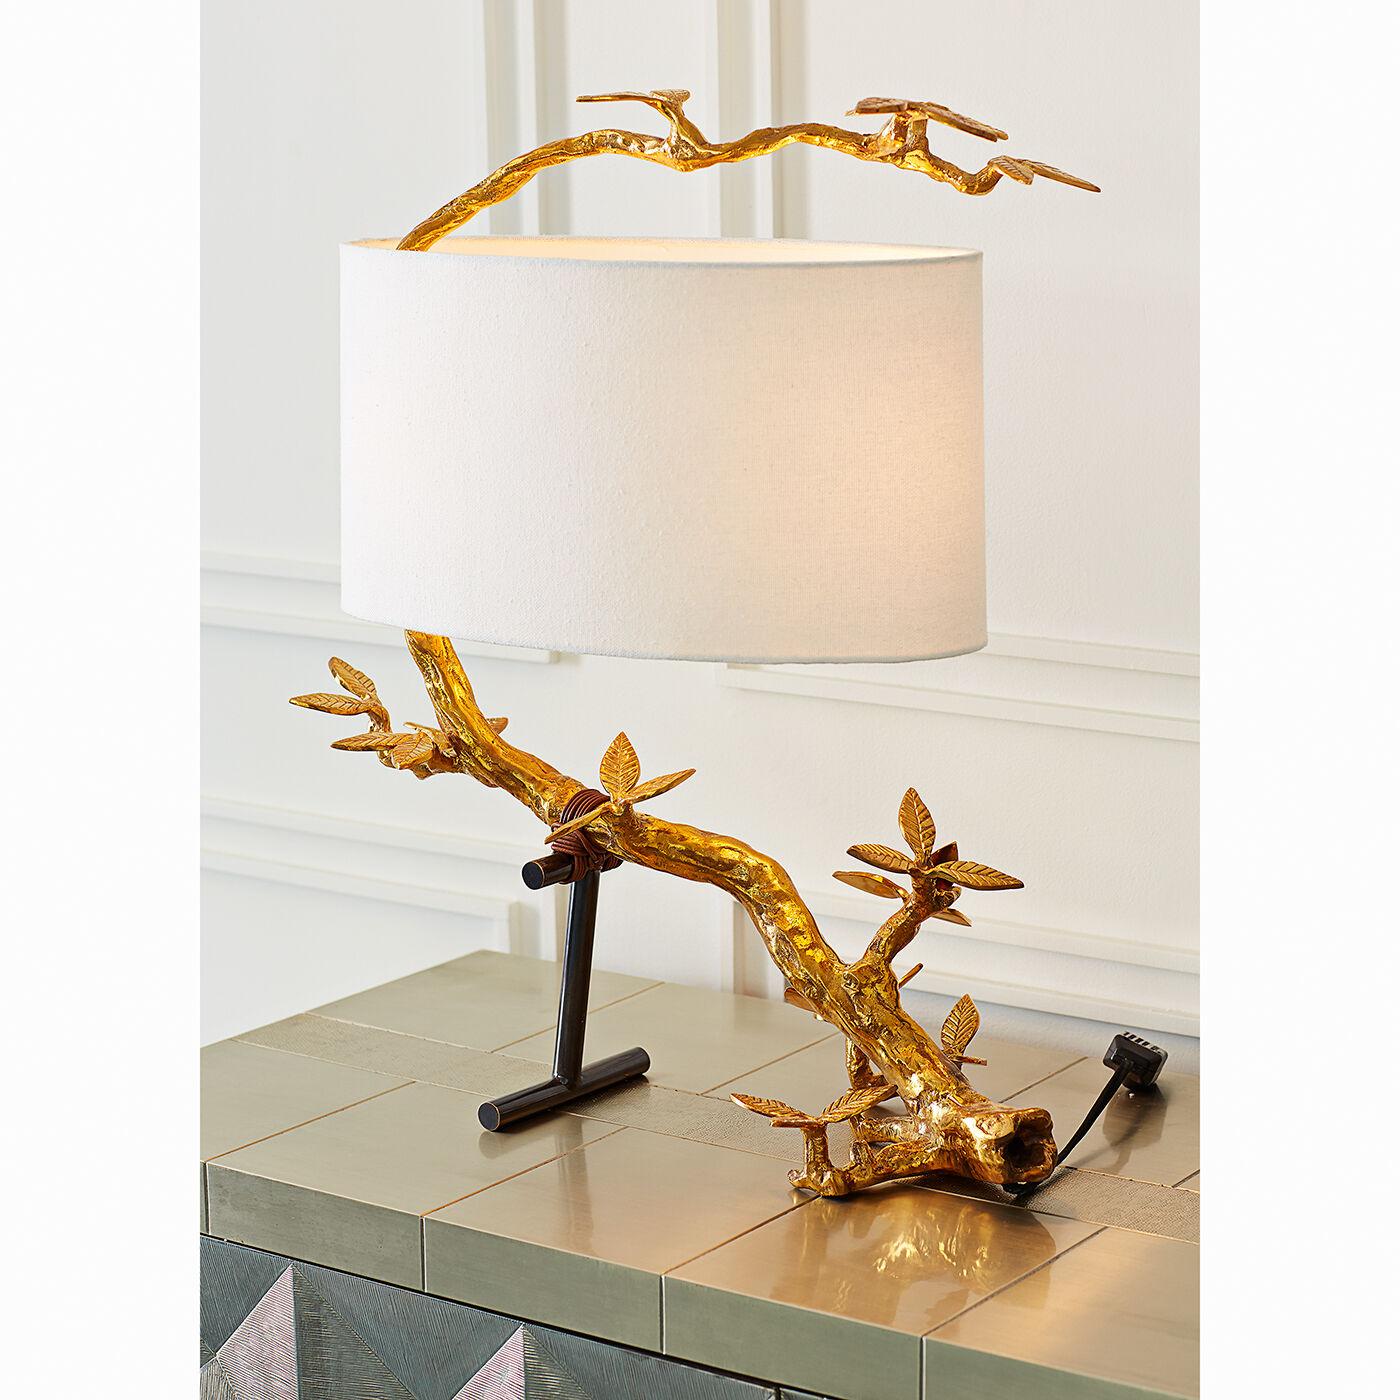 Kyoto Brass Table Lamp | Modern Table Lamps | Jonathan Adler